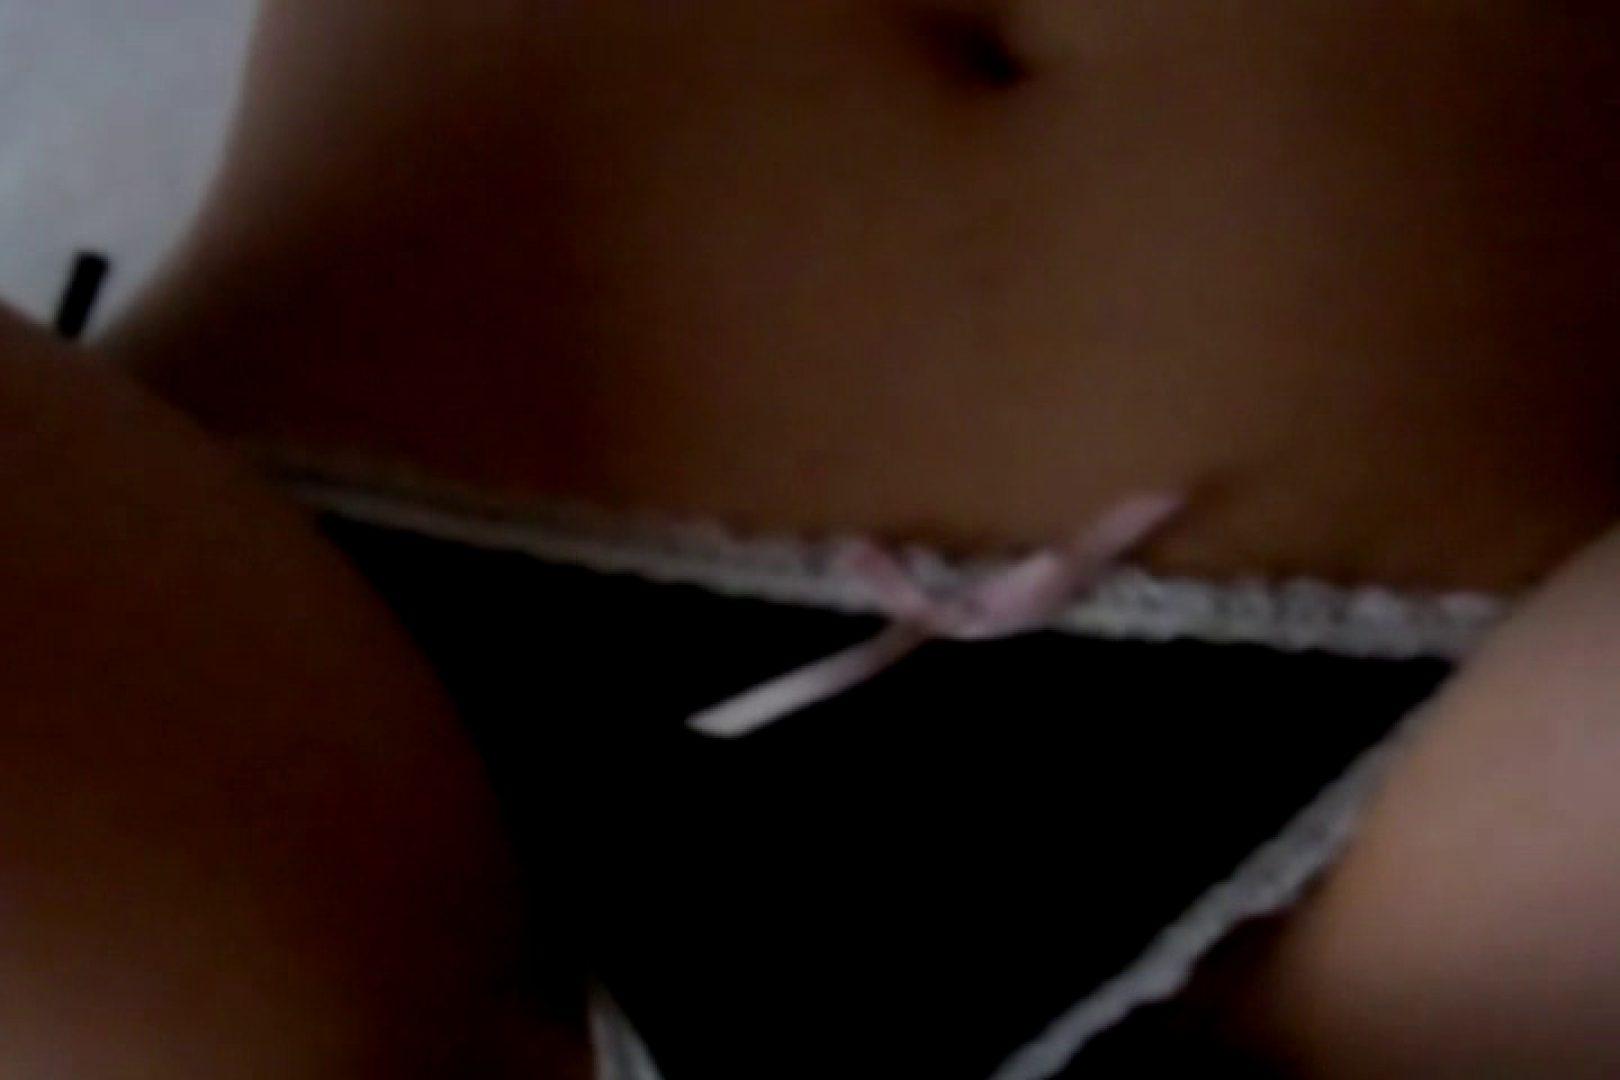 ウイルス流出 レオ&マンコのアルバム プライベート | クンニ  101連発 88